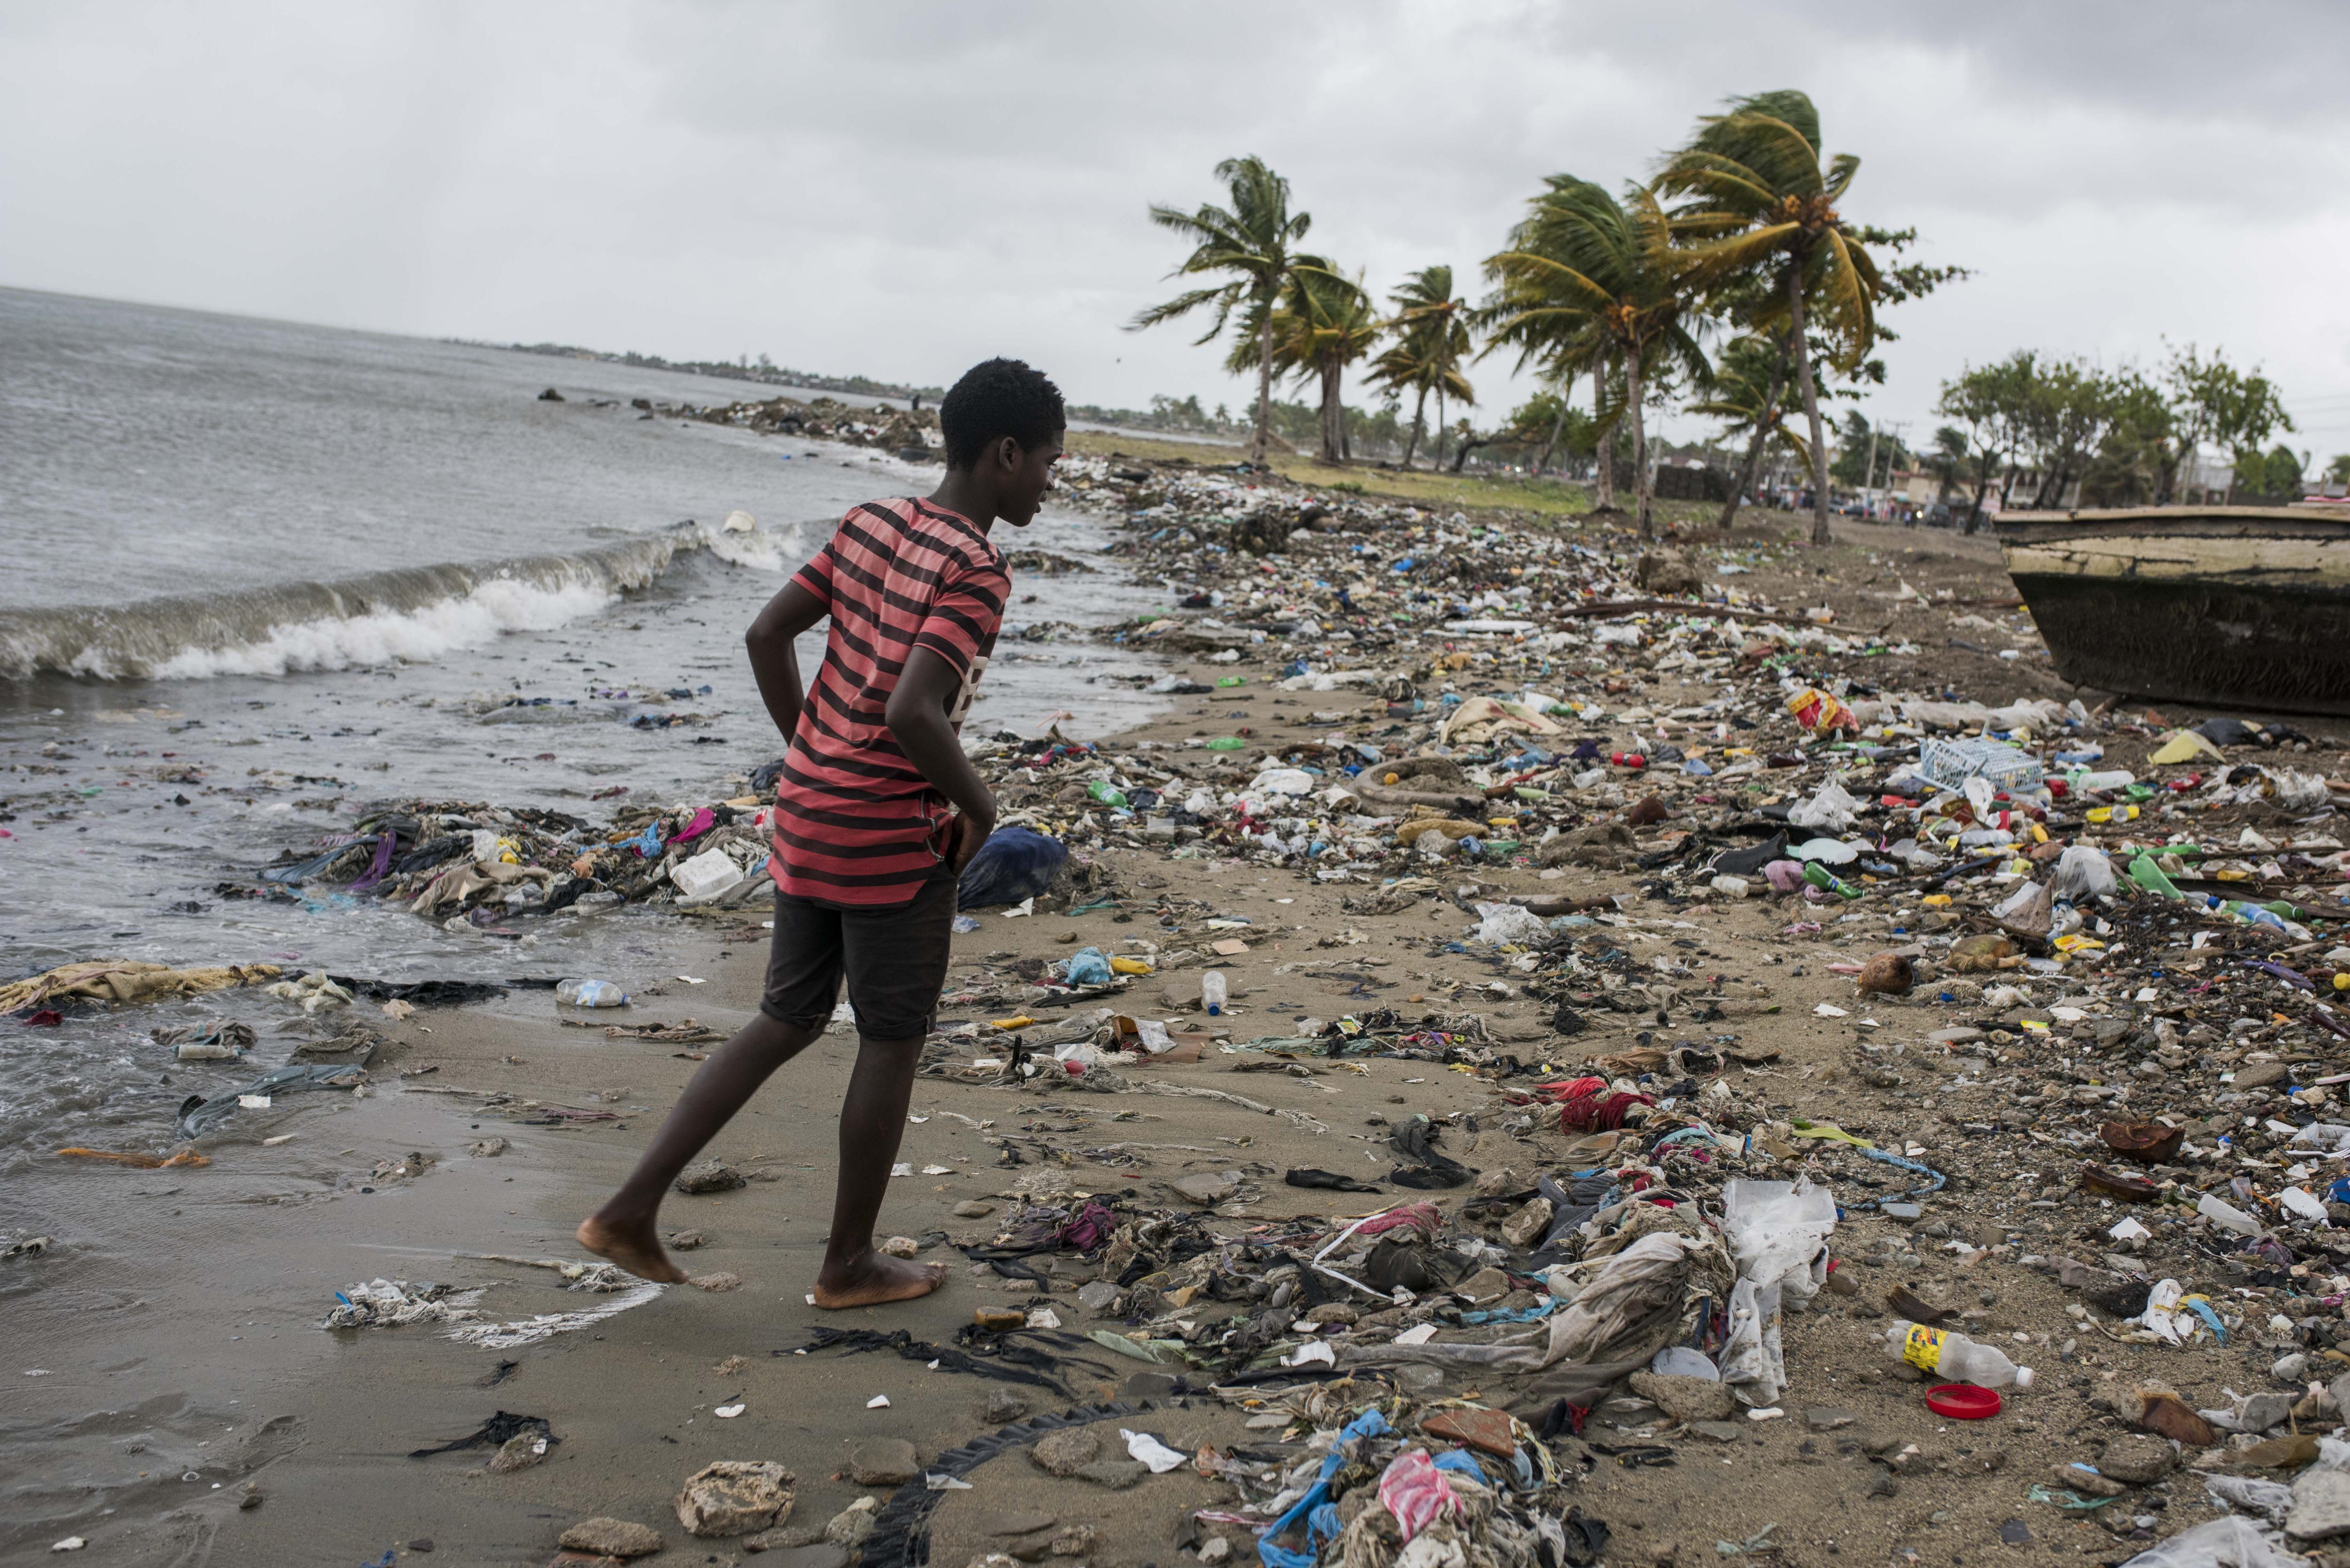 Un jove camina per la platja coberta de deixalles arrossegades pels forts vents durant el pas de l'huracà Irma per Haití. /JEAN MARC HERVE ABELARD